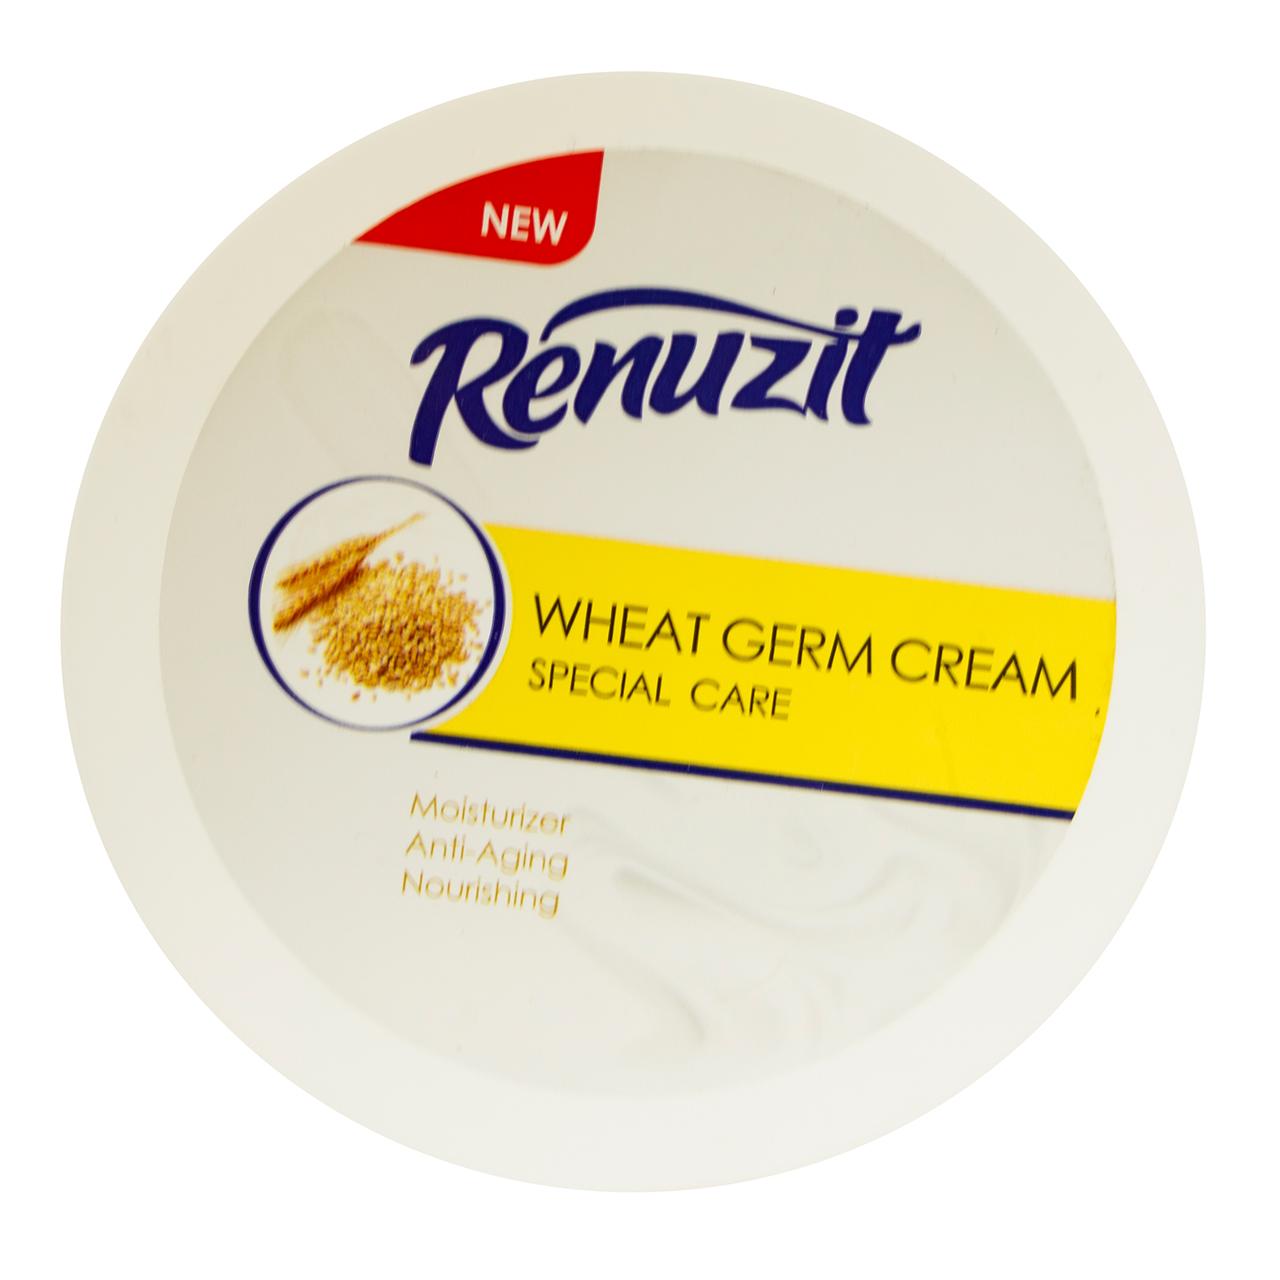 کرم مرطوب کننده رینوزیت مدل Wheat germ حجم 200 میلی لیتر